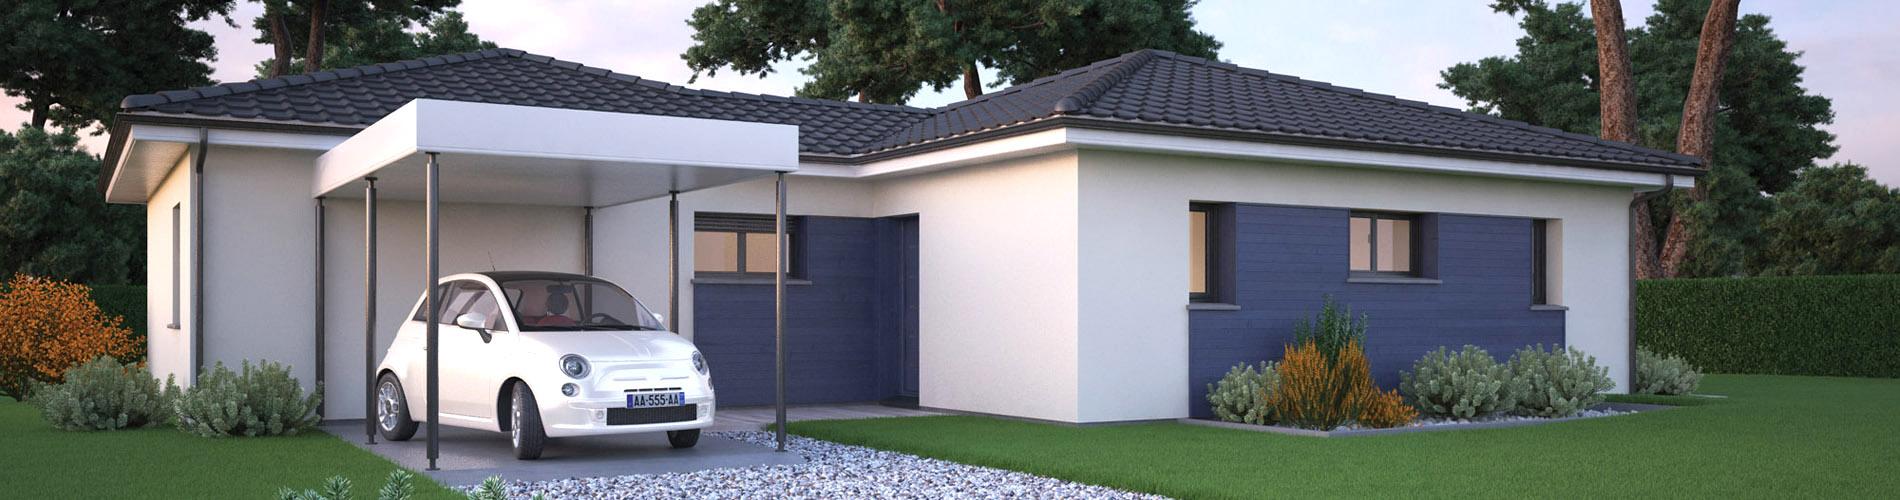 Maison a vendre : Savoir dépister l'offre idéale